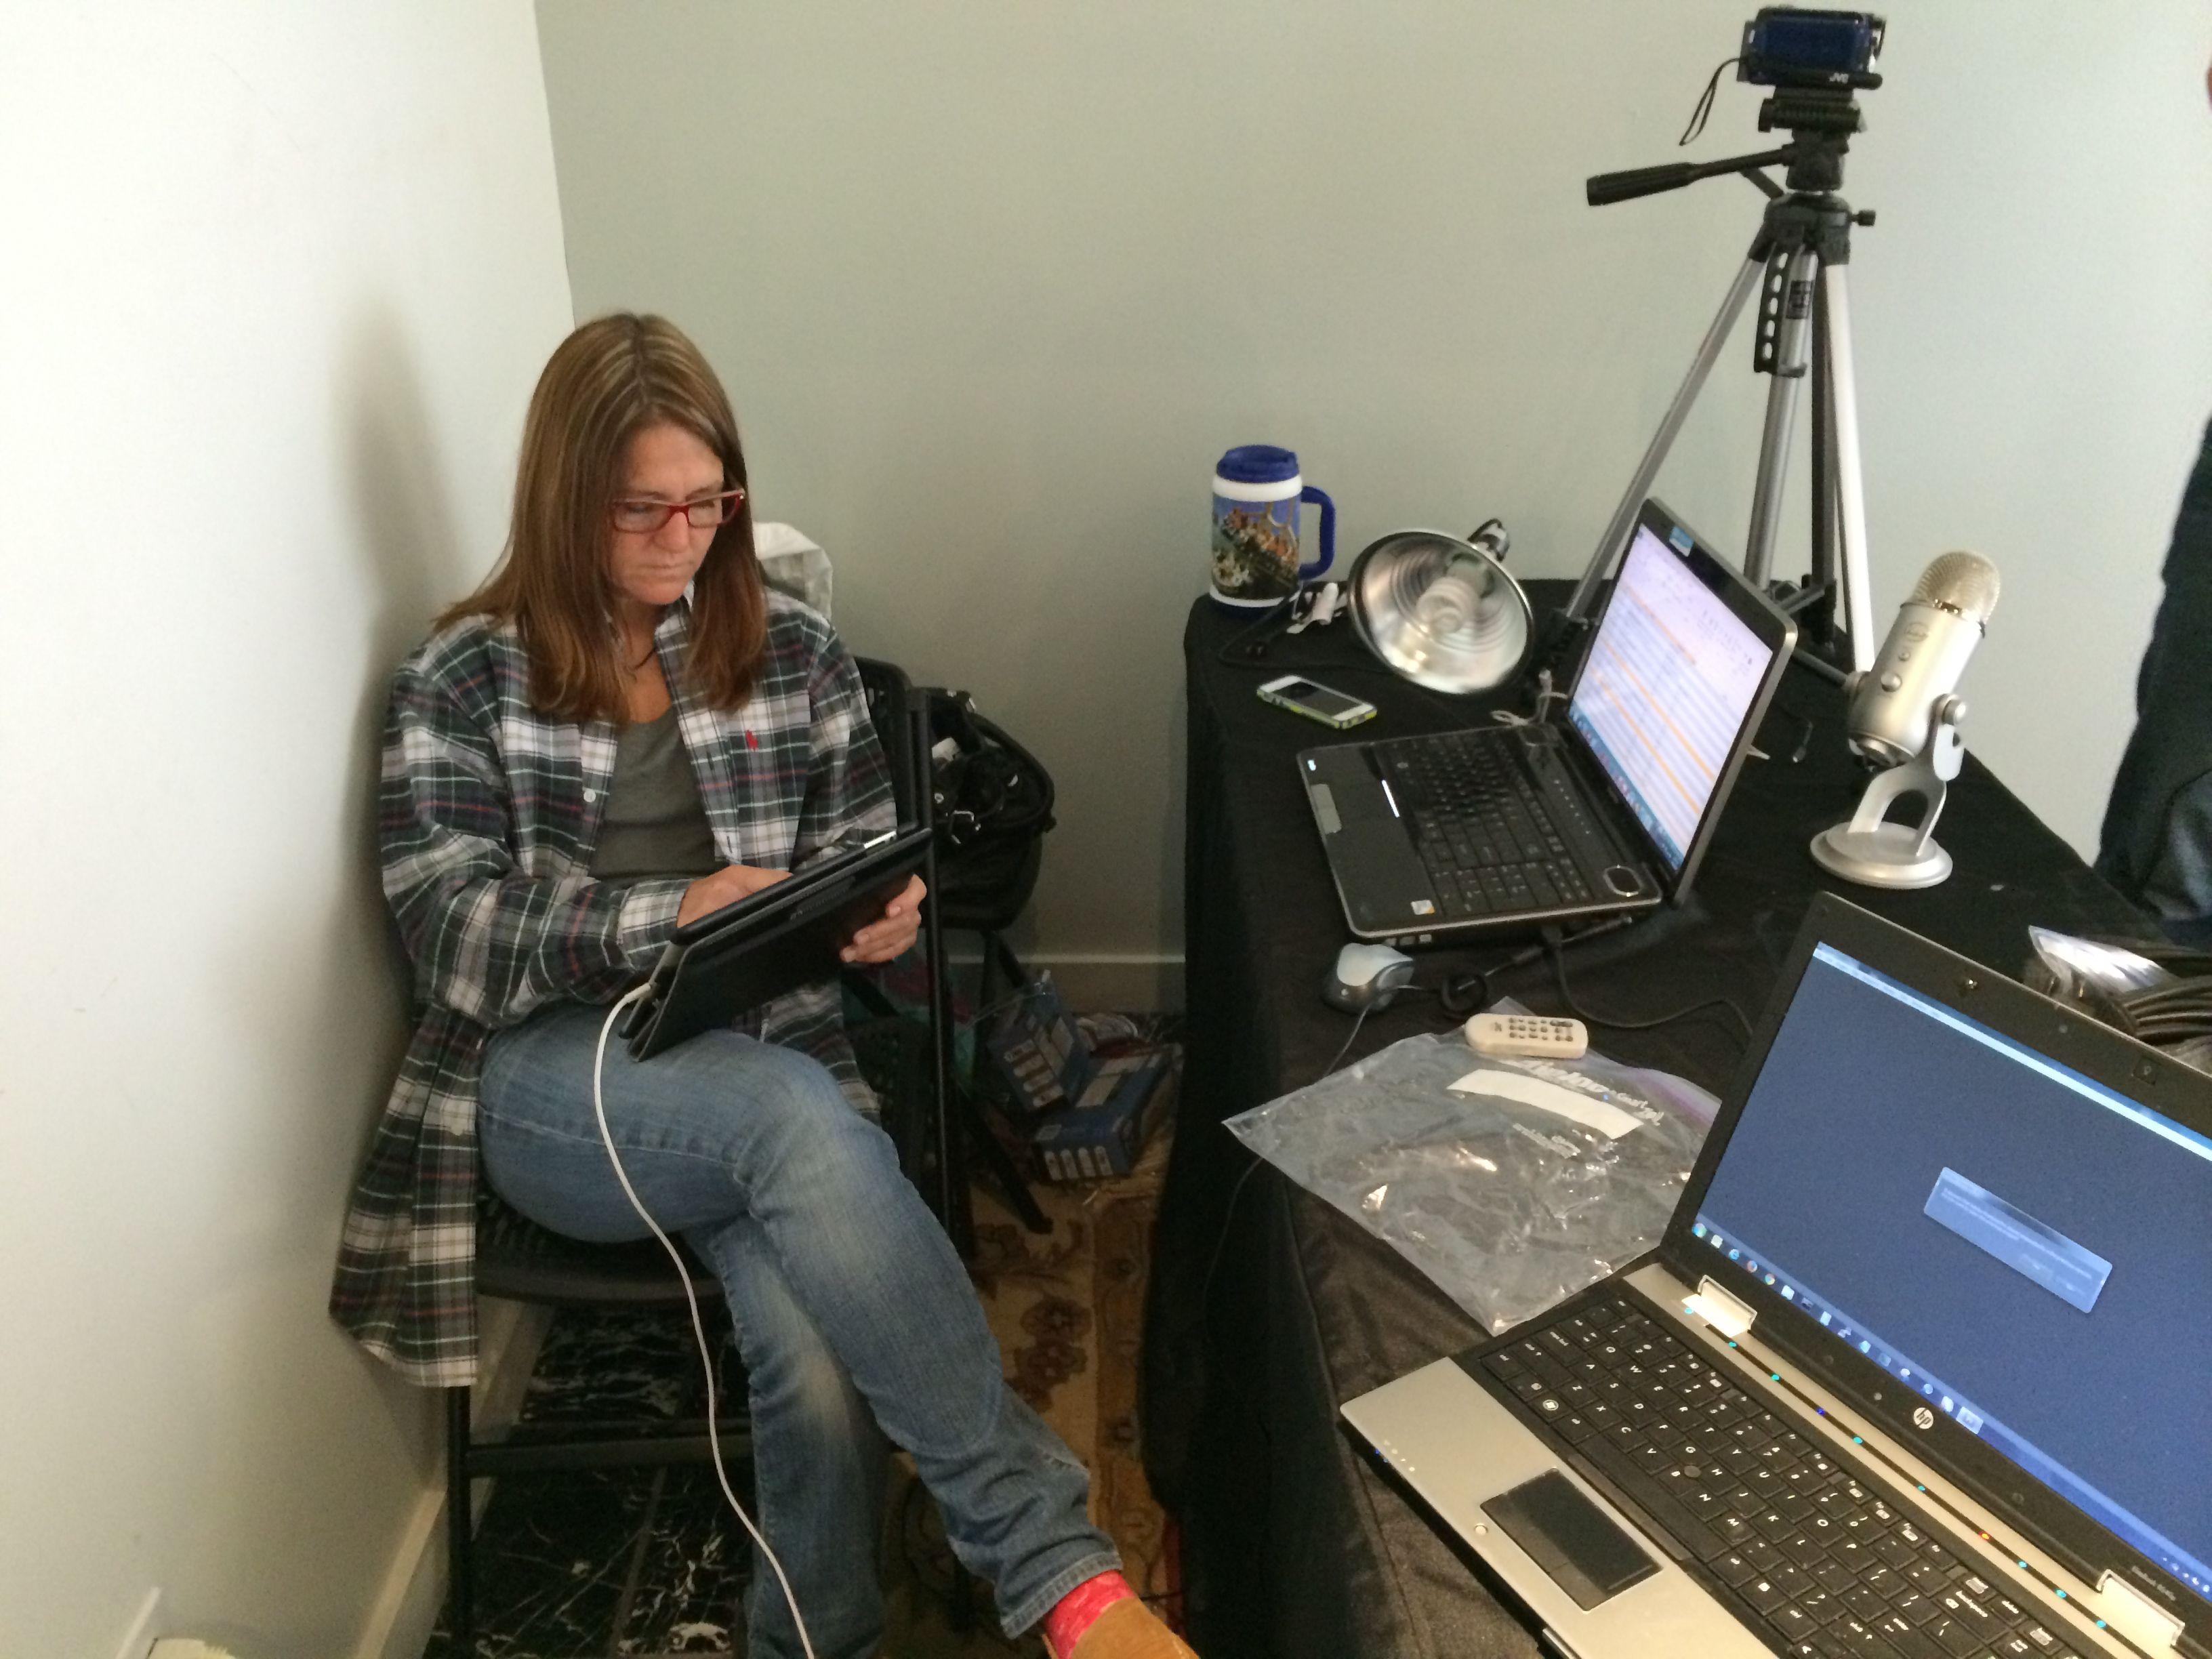 Sara, creative director for Slapshotstudio.com, is reviewing script titles in between shots.